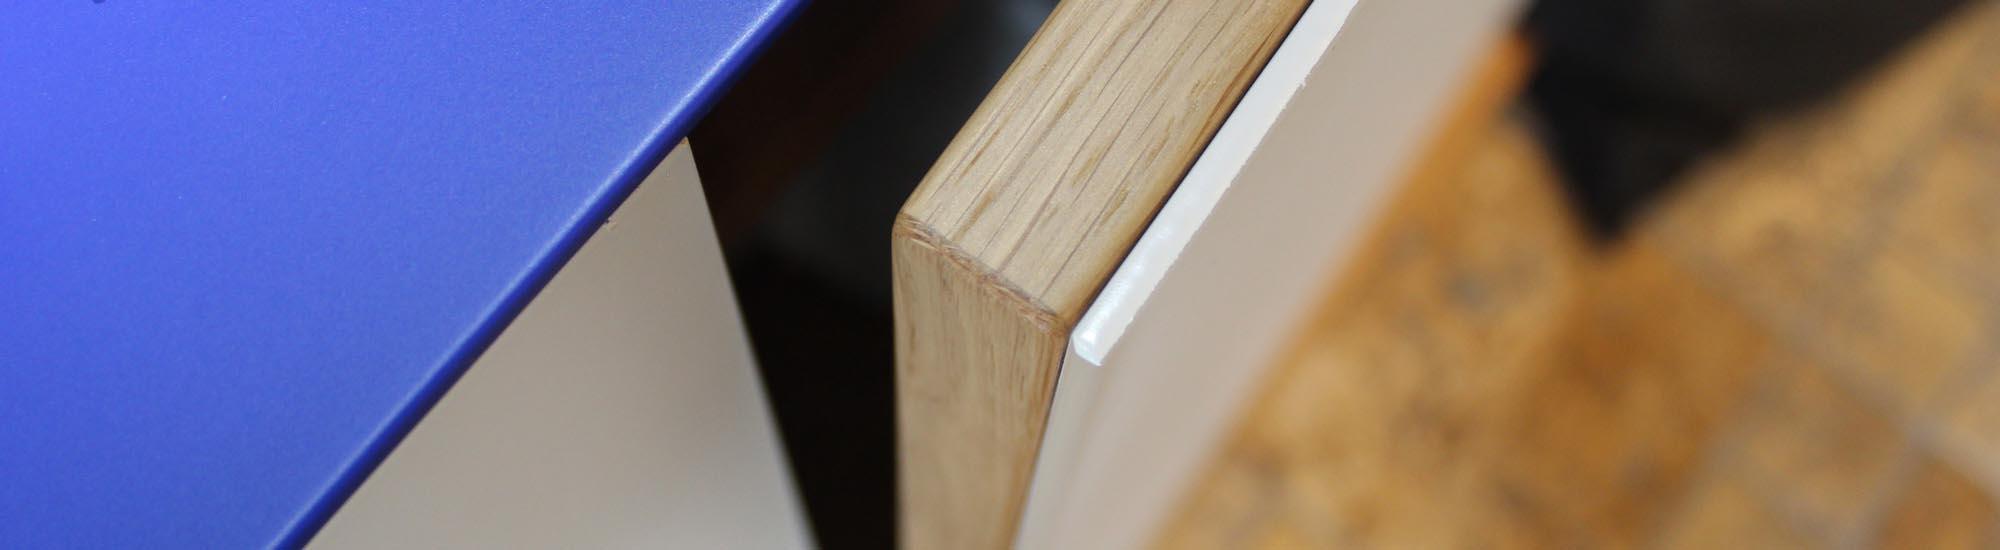 MSM Vakuumpressen Verleimung Schichtstoff Holz Glas